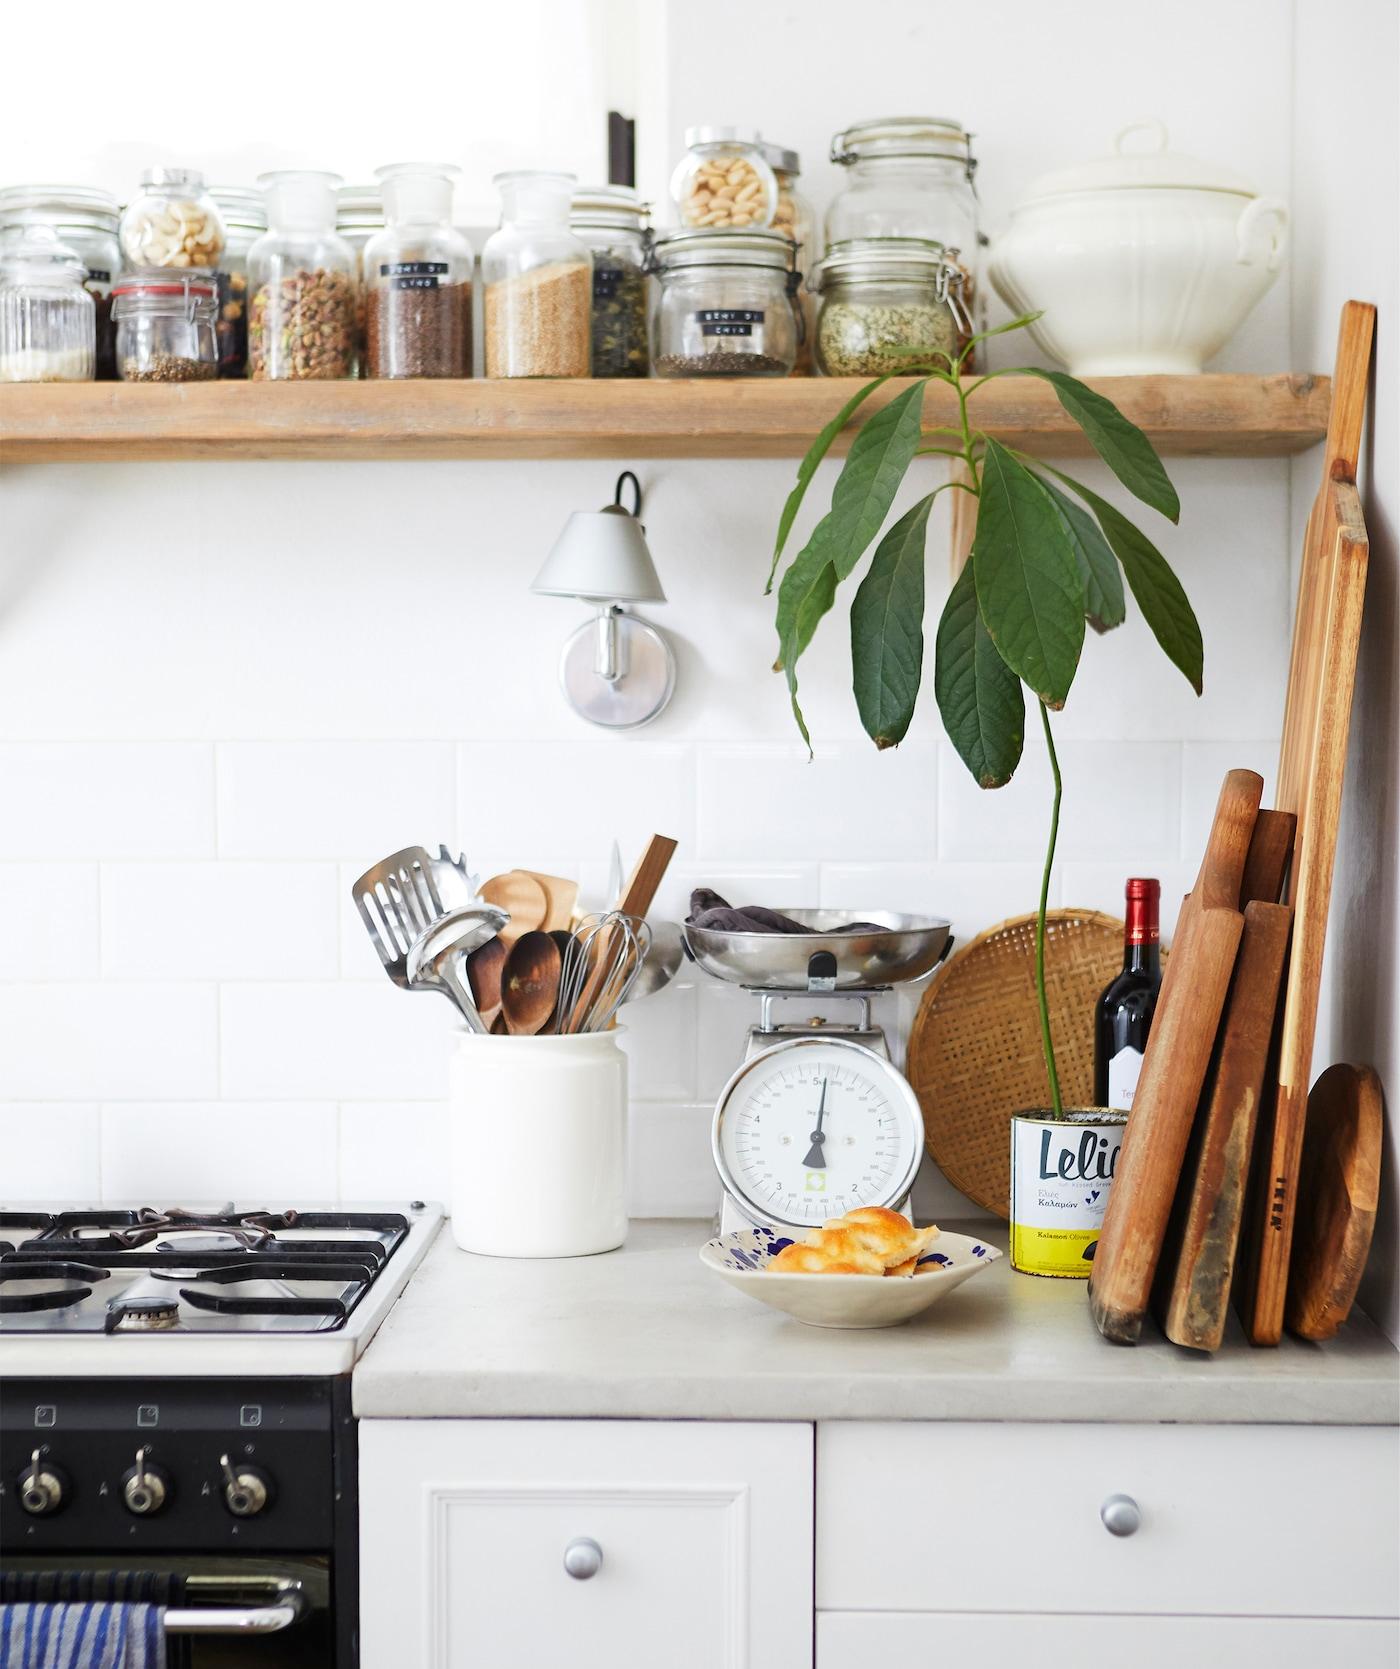 Un plan de travail avec une cuisinière et des planches en bois, et des bocaux remplis d'ingrédients secs disposés sur une tablette en bois au-dessus.